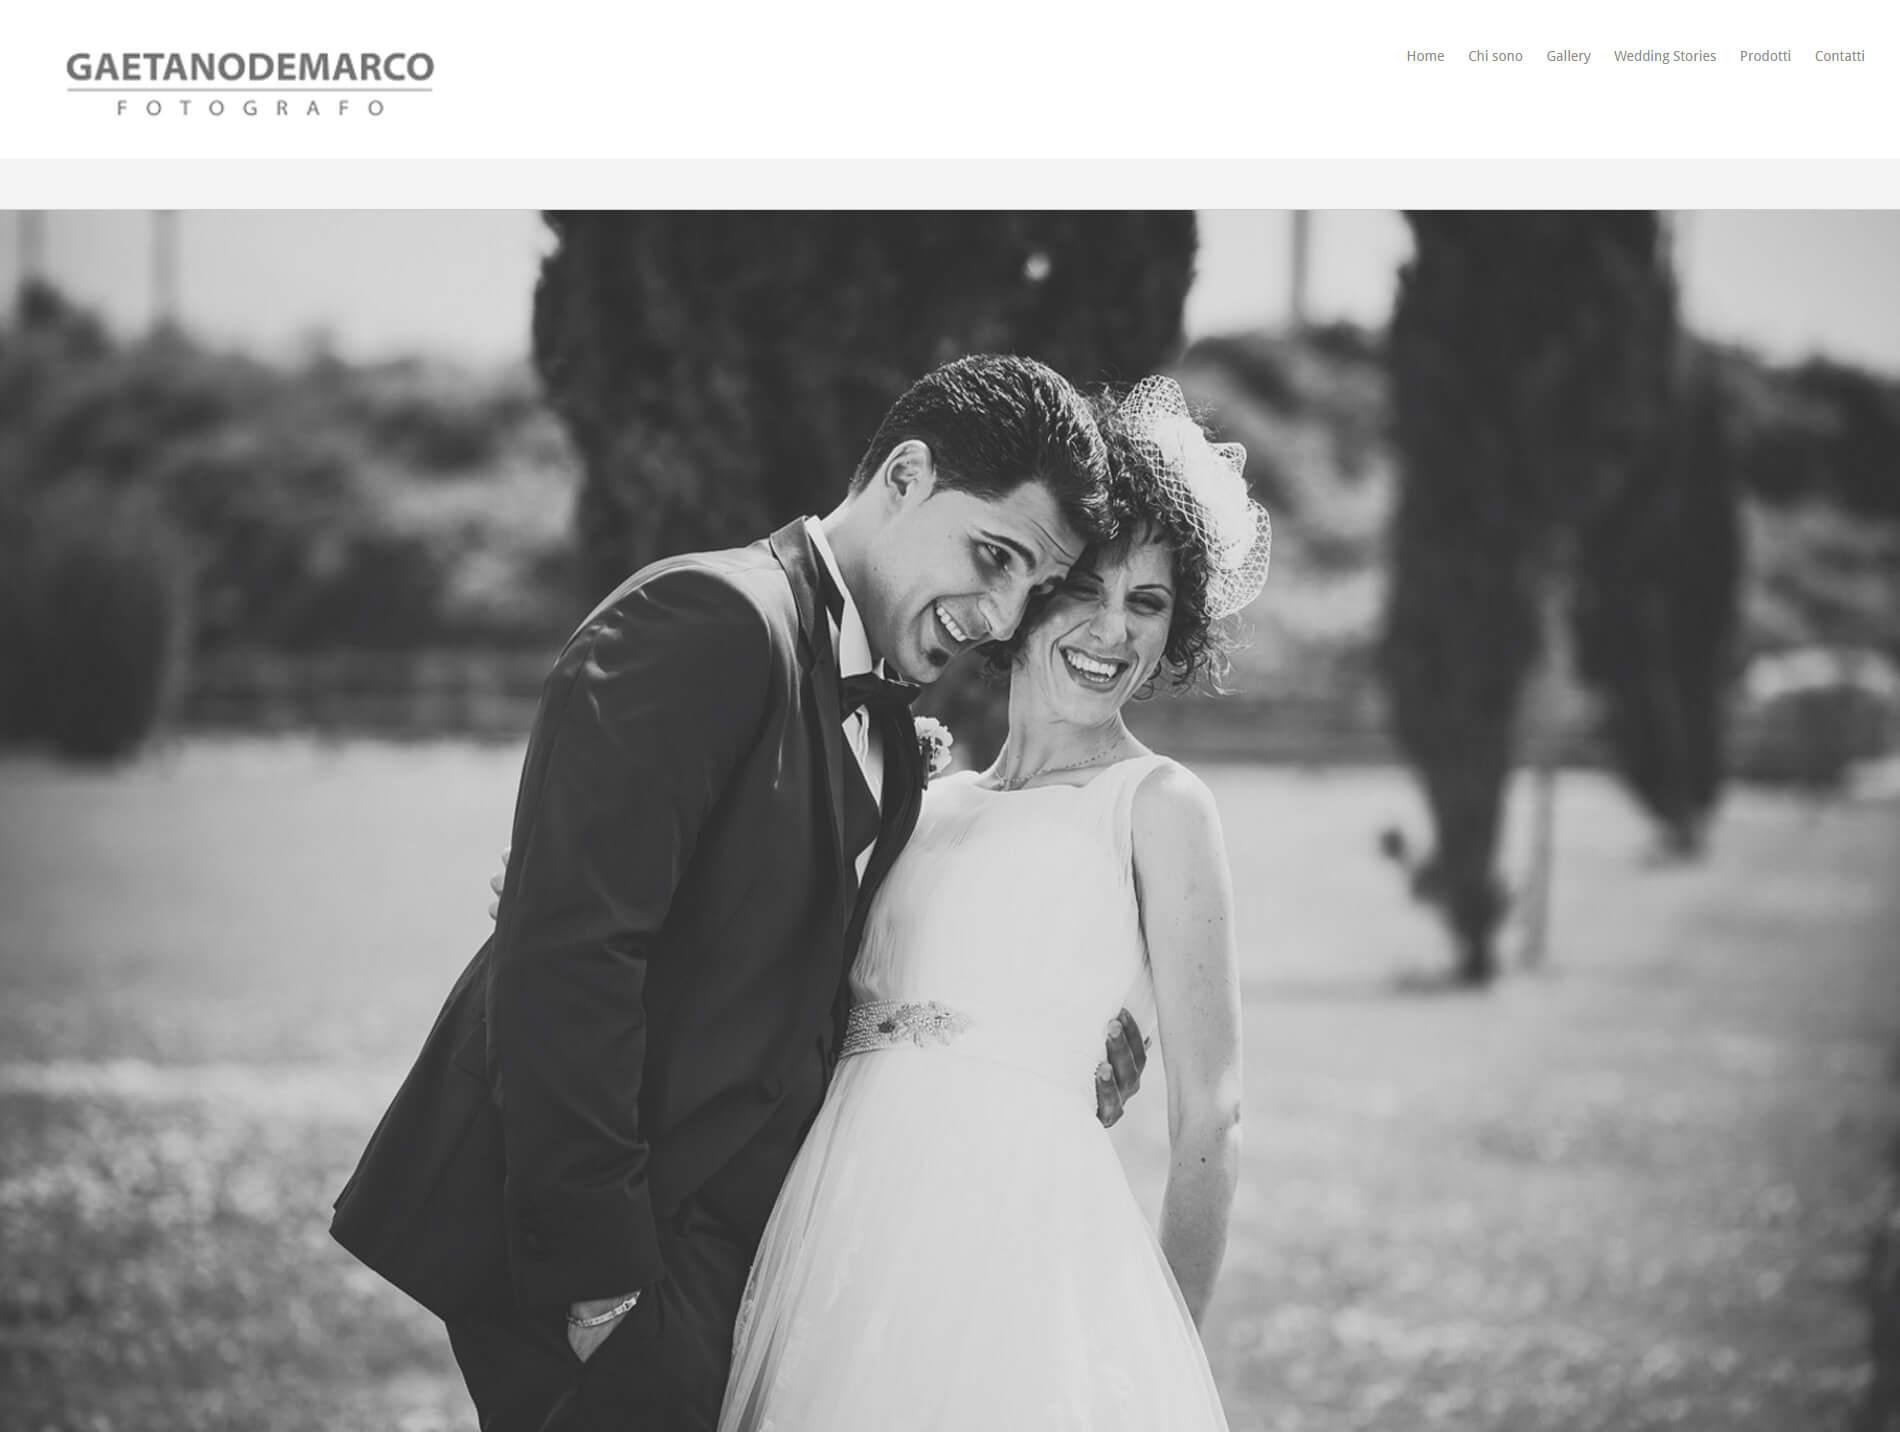 Web de Gaetano de Marco. Fotógrafo de bodas en Italia